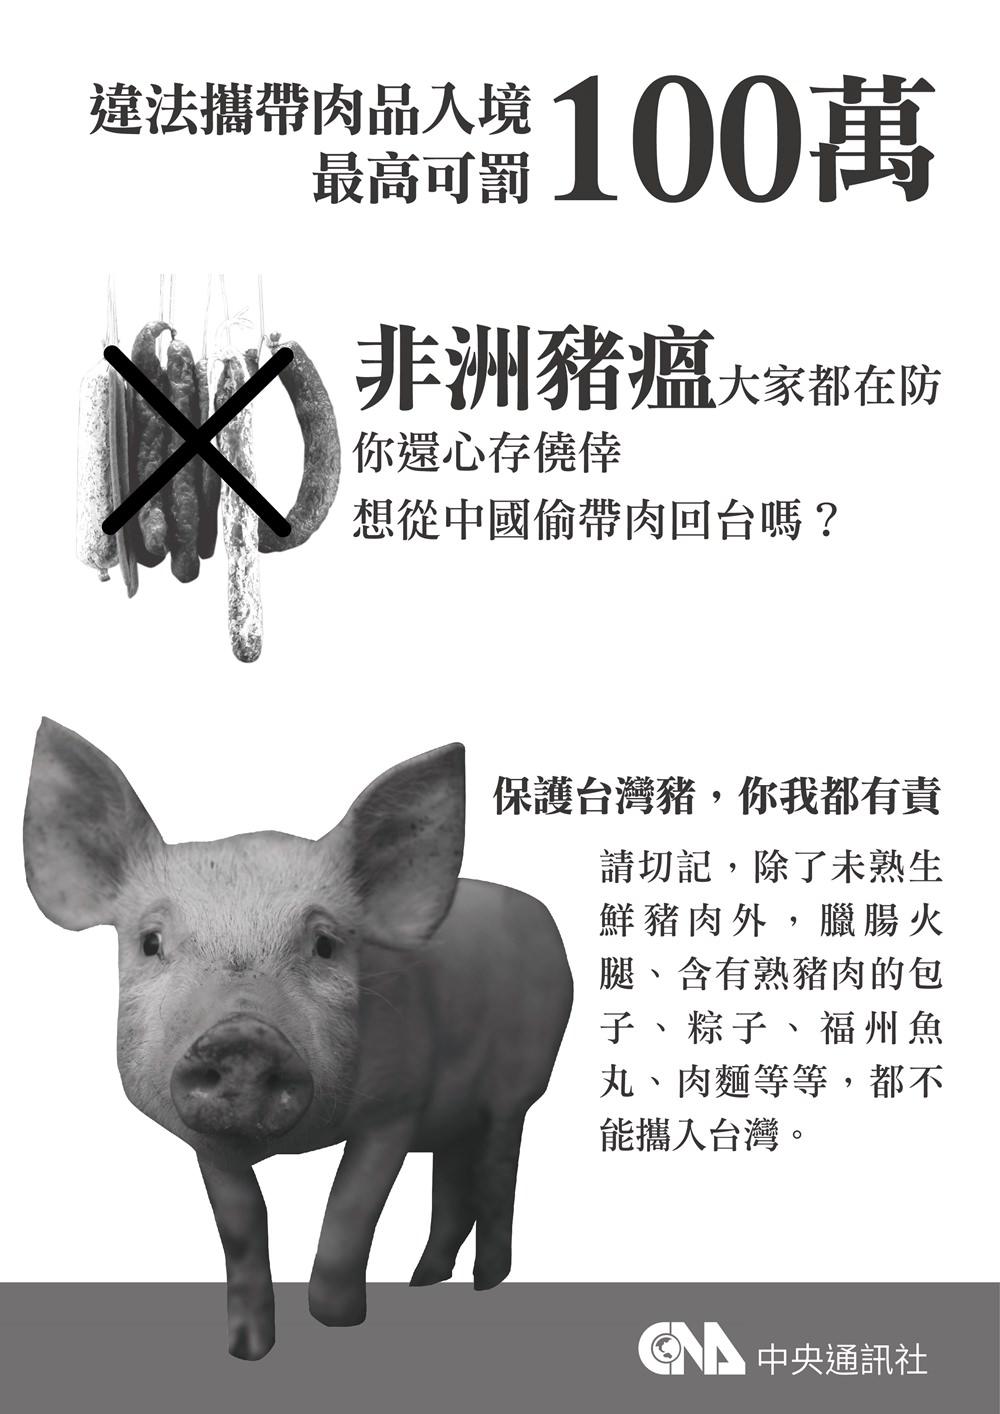 [宣導文 防非洲豬瘟 ]各國語言宣導圖文宣導 請大家多多分享